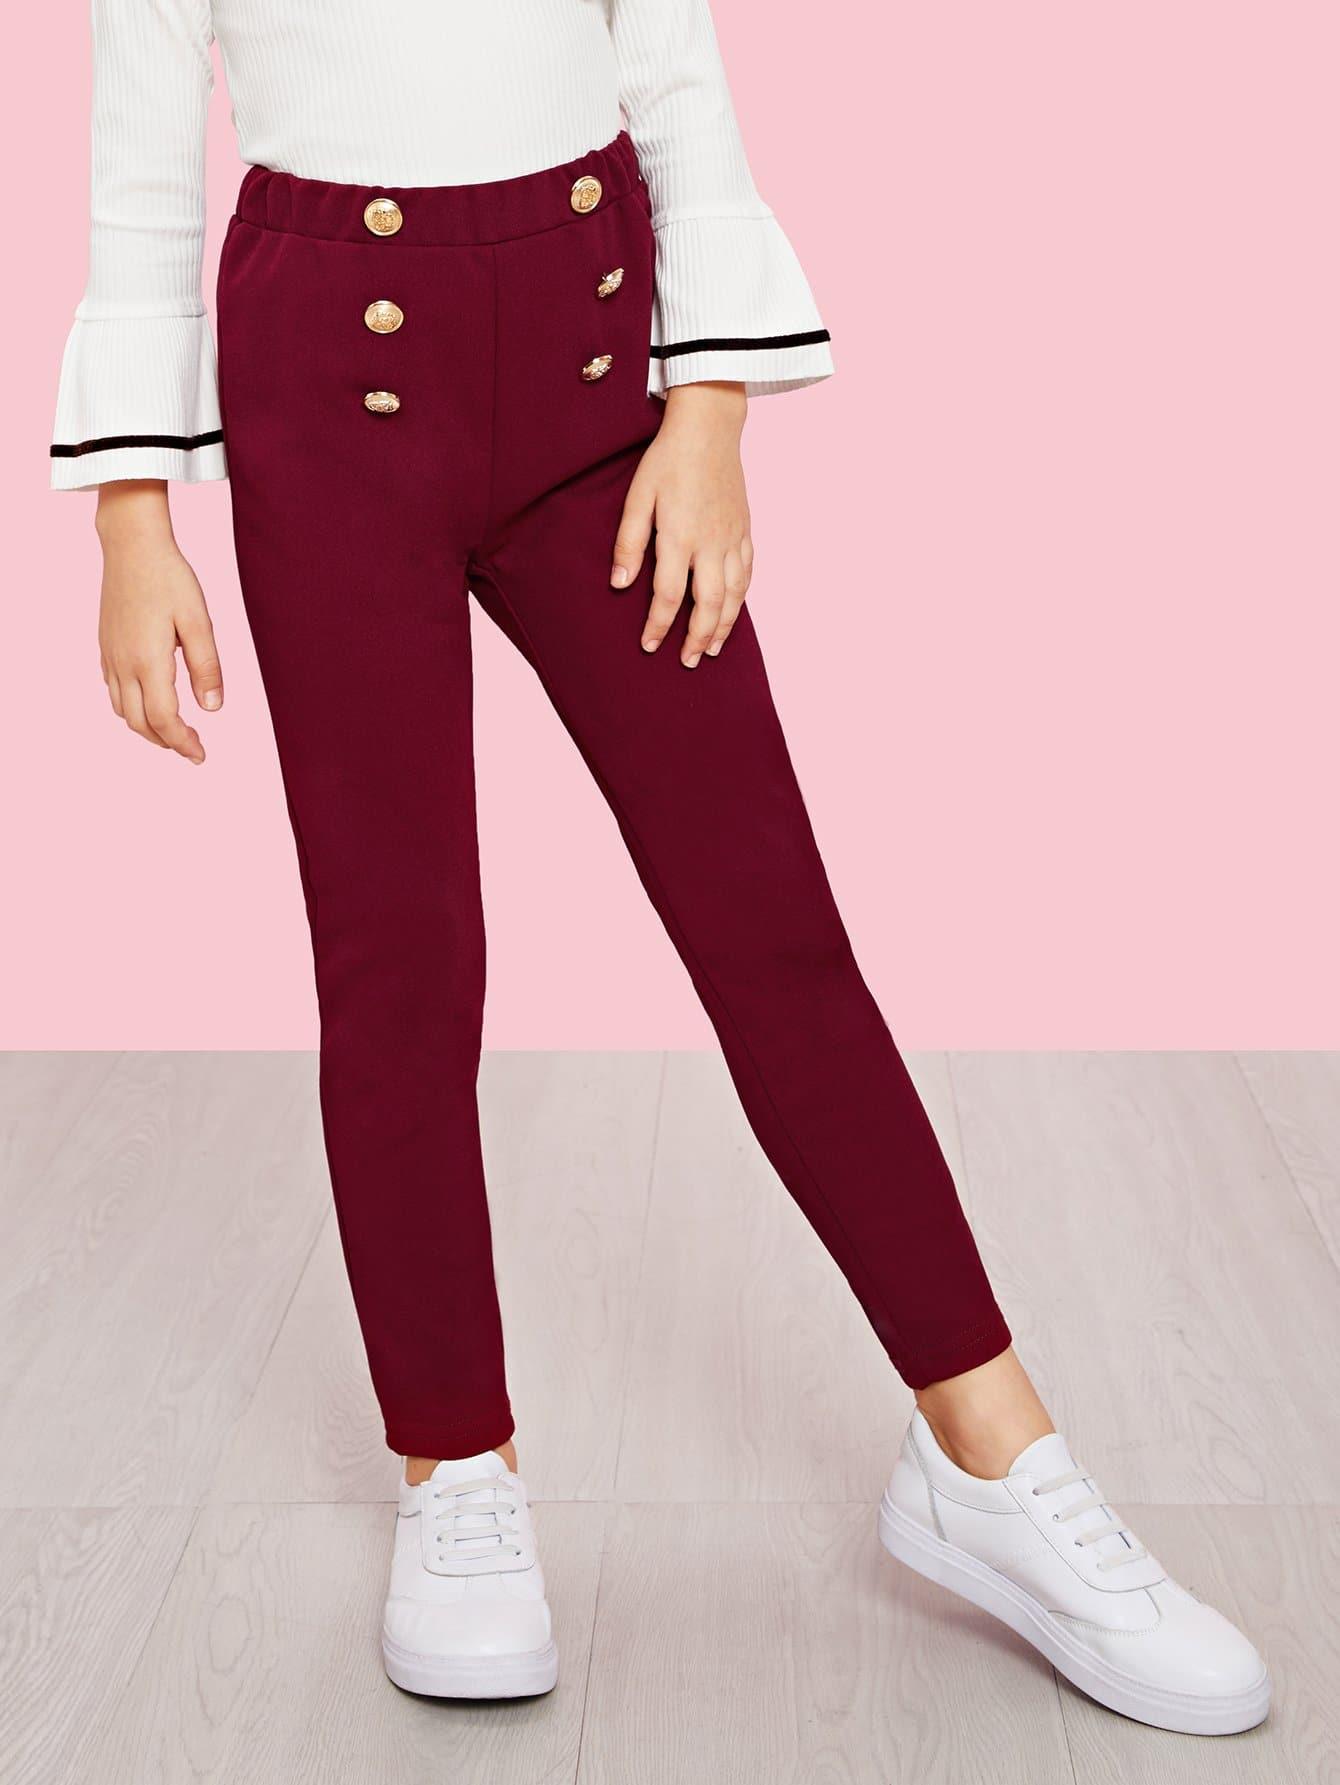 Двубортные брюки Джерси для девочек, Anna C, SheIn  - купить со скидкой